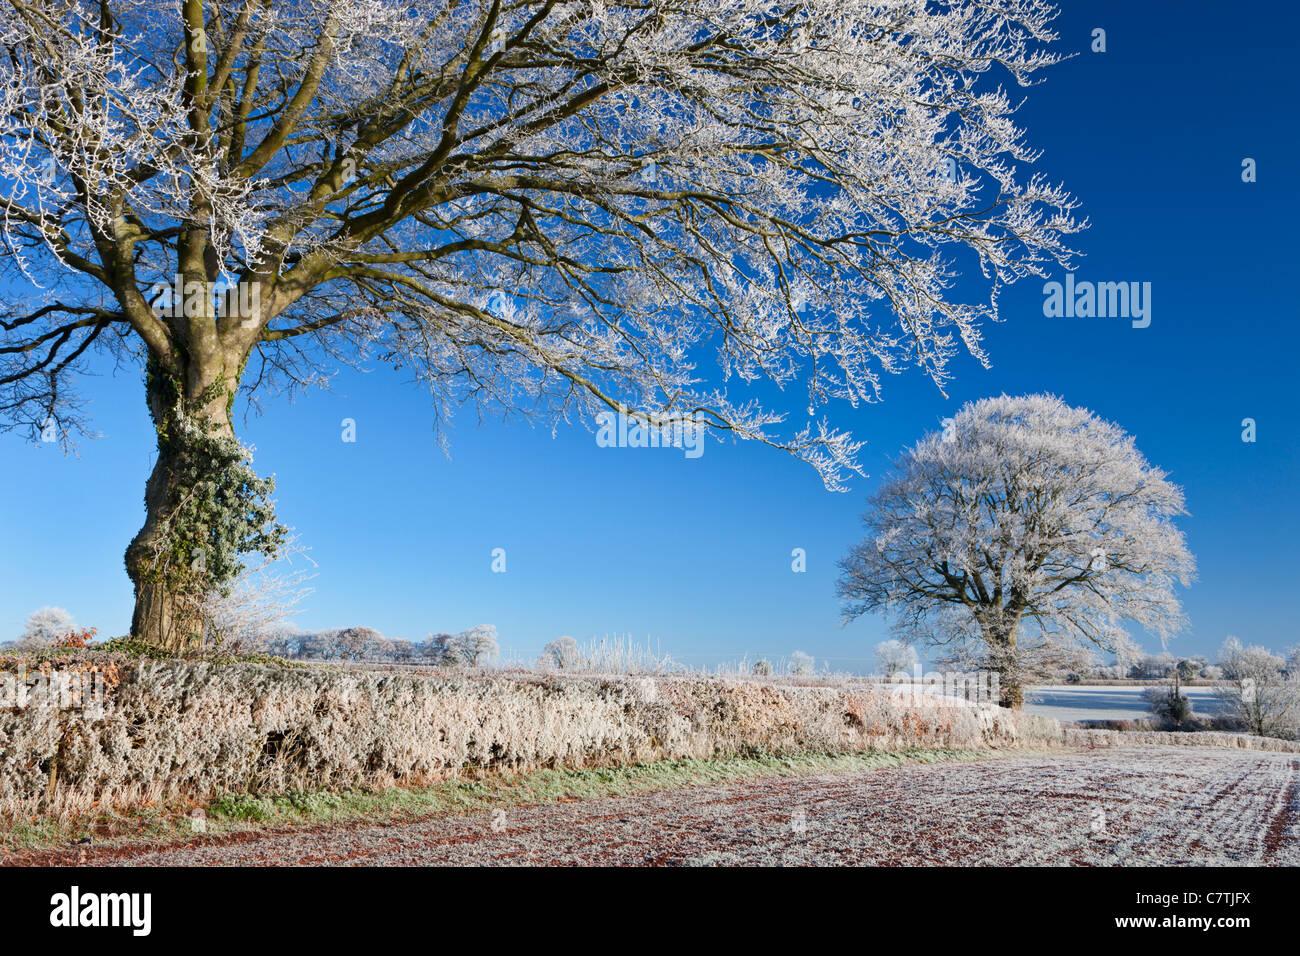 Trasformata per forte gradiente smerigliati terreni coltivati e alberi, prua, metà Devon, Inghilterra. Inverno (dicembre 2010). Foto Stock